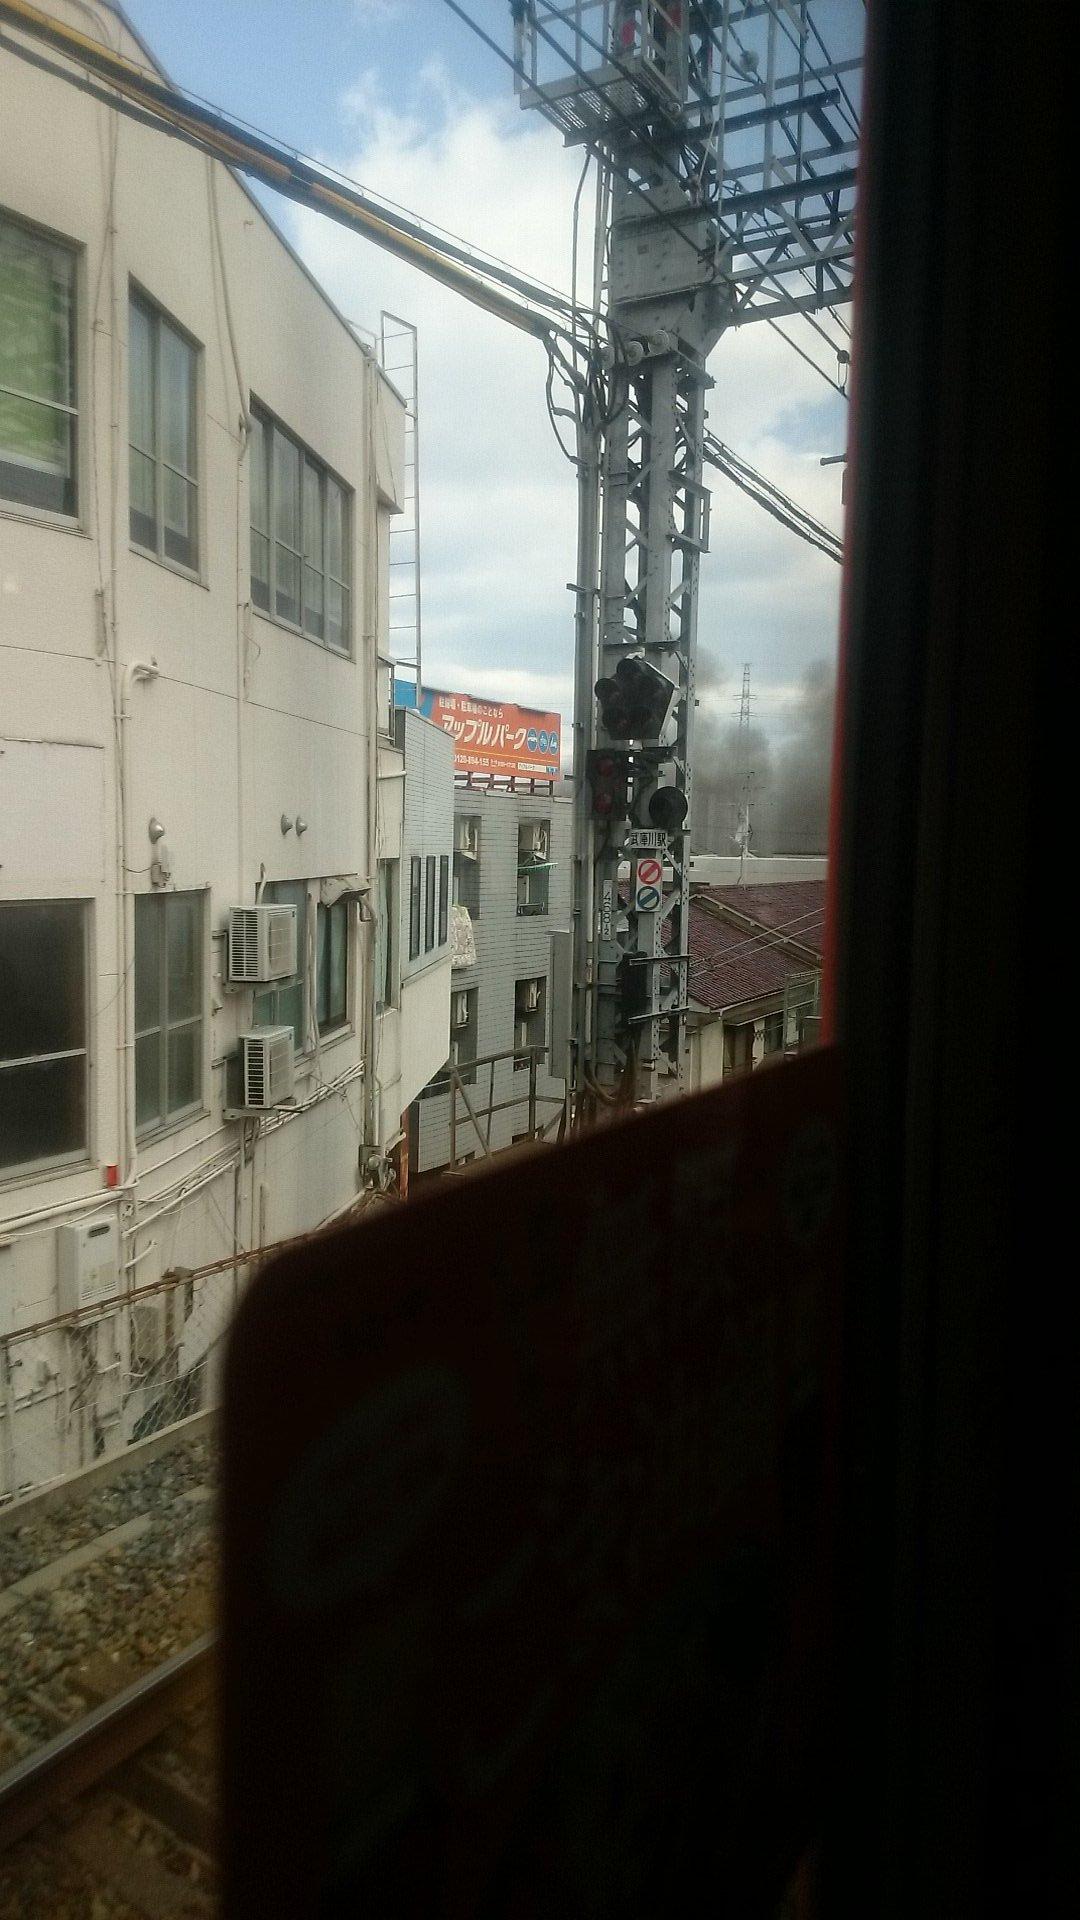 画像,今春節祭に向かう途中阪神の武庫川駅付近のマンションから灰色の煙がもくもくたち焦げていた 火事か#火事 #武庫川 #マンション #兵庫県 #阪神電車 https:…